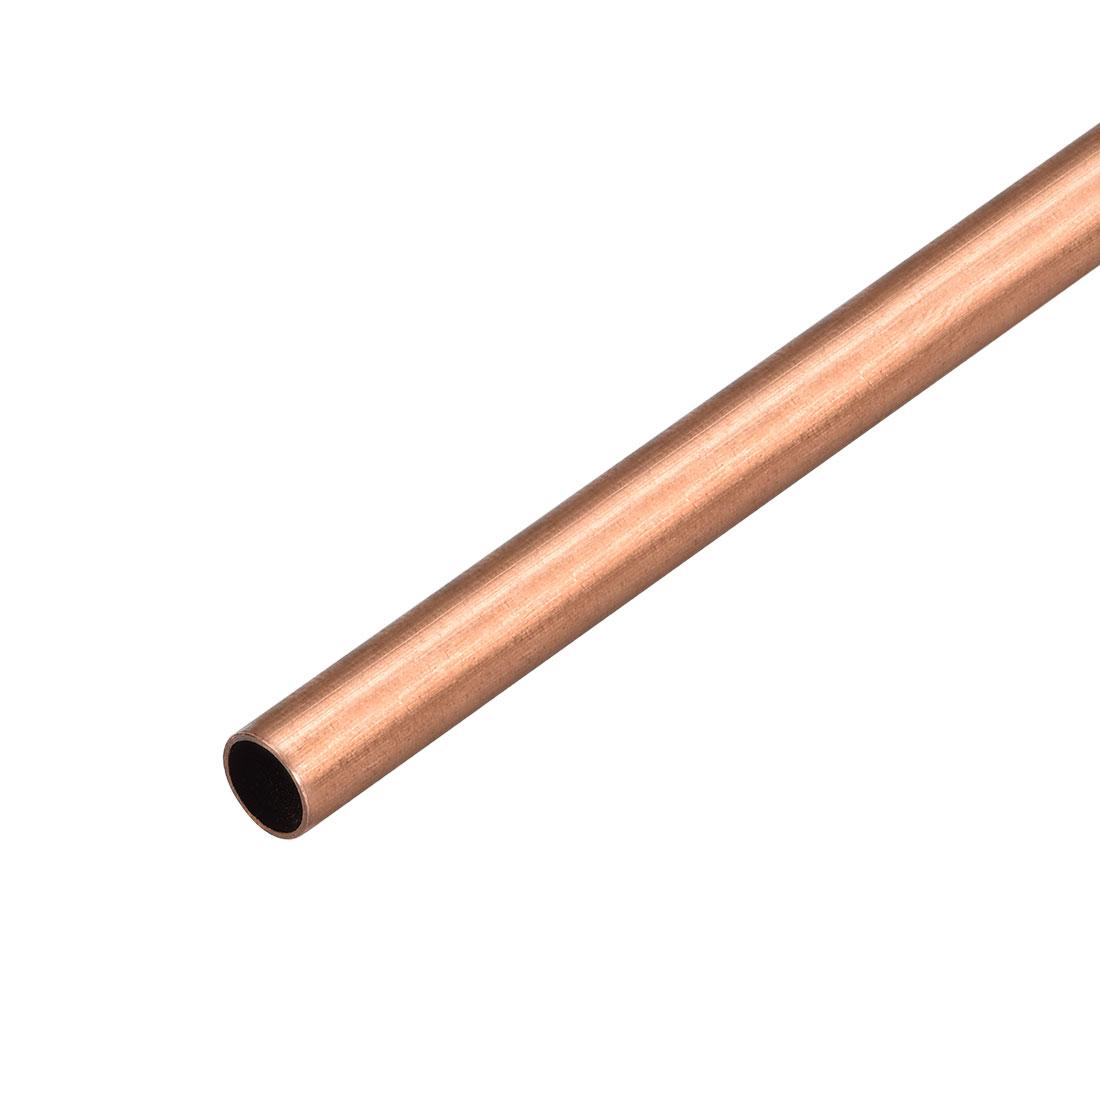 8mm Outside Diameter x 7mm Inside Diameter 500mm Copper Round Tube Pipe